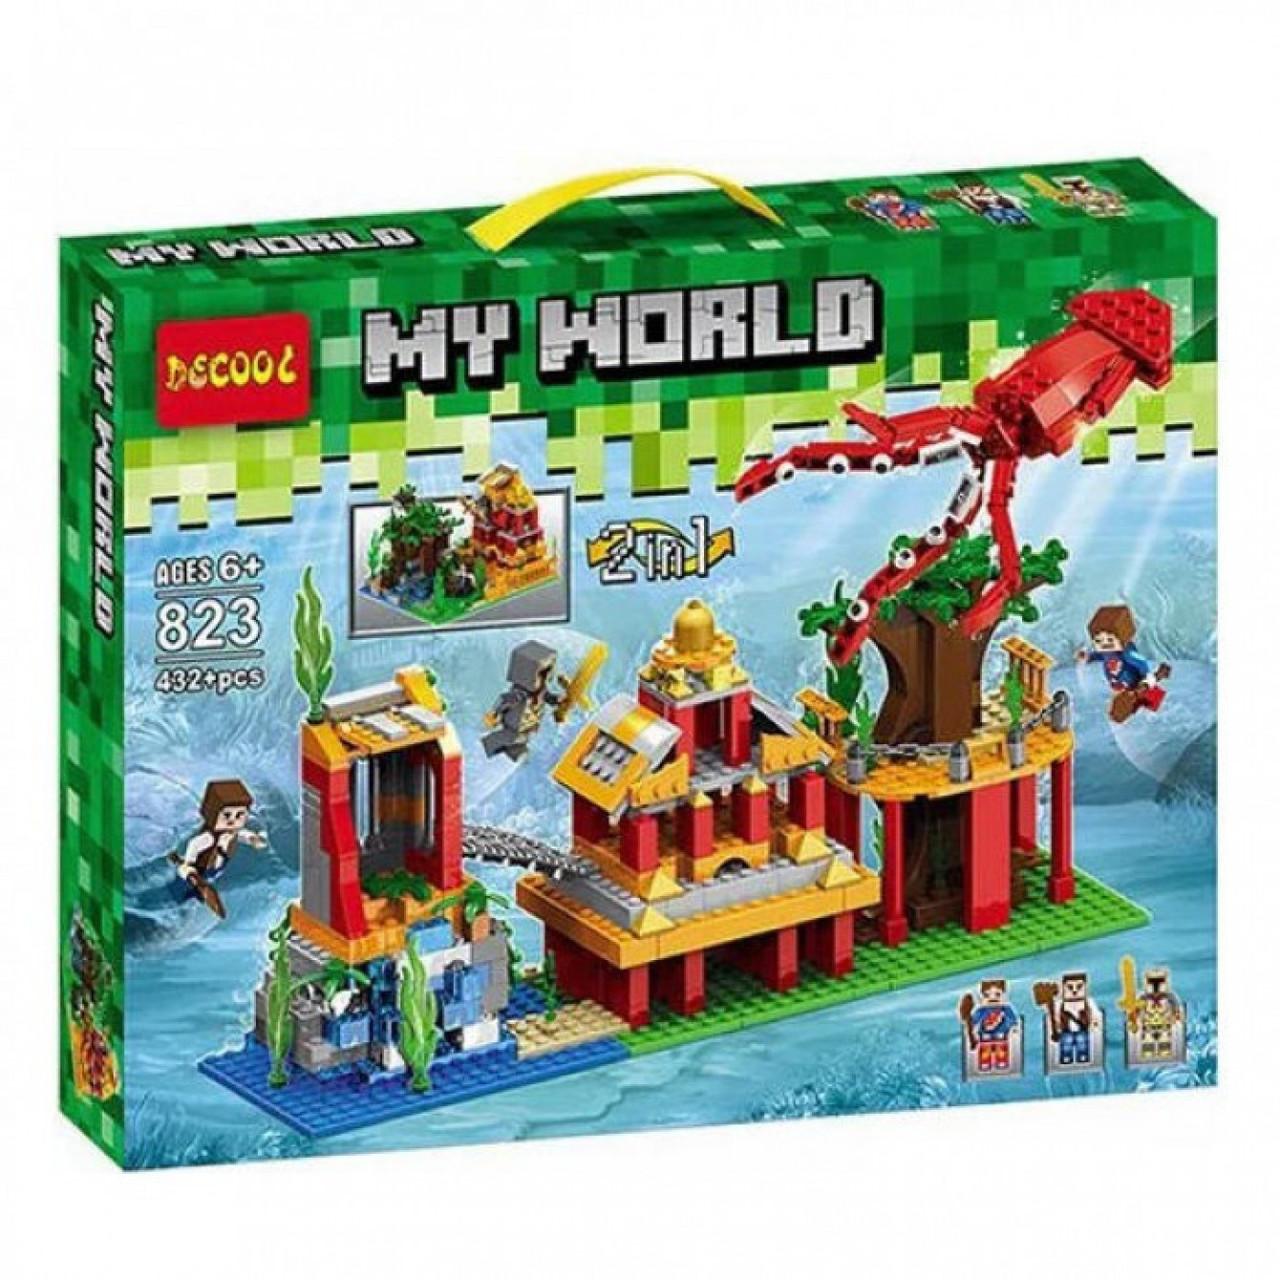 Decool 823 Конструктор My World Подводный мир, 432 дет. (Аналог LEGO)